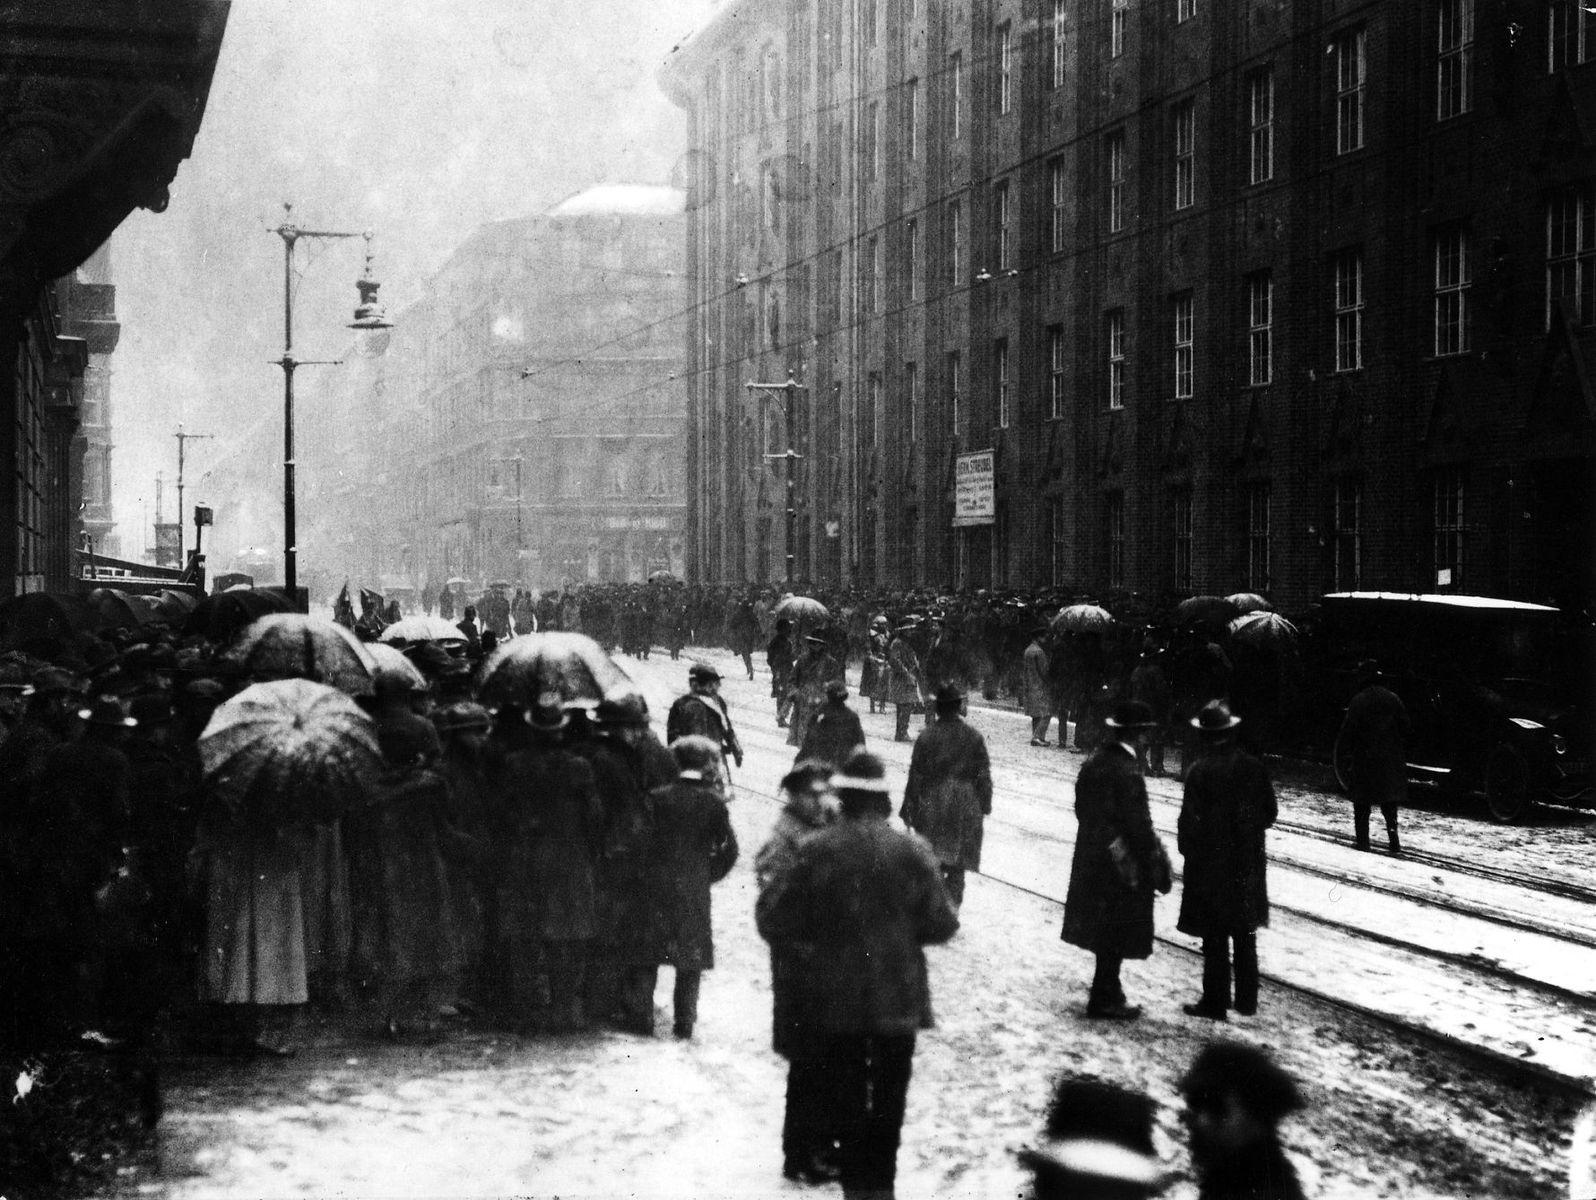 """""""Nach der Währungsreform: Geldausgabestelle der Rentenbank in Berlin im Schneetreiben"""", 1923 © bpk / Kunstbibliothek, SMB / Willy Römer"""